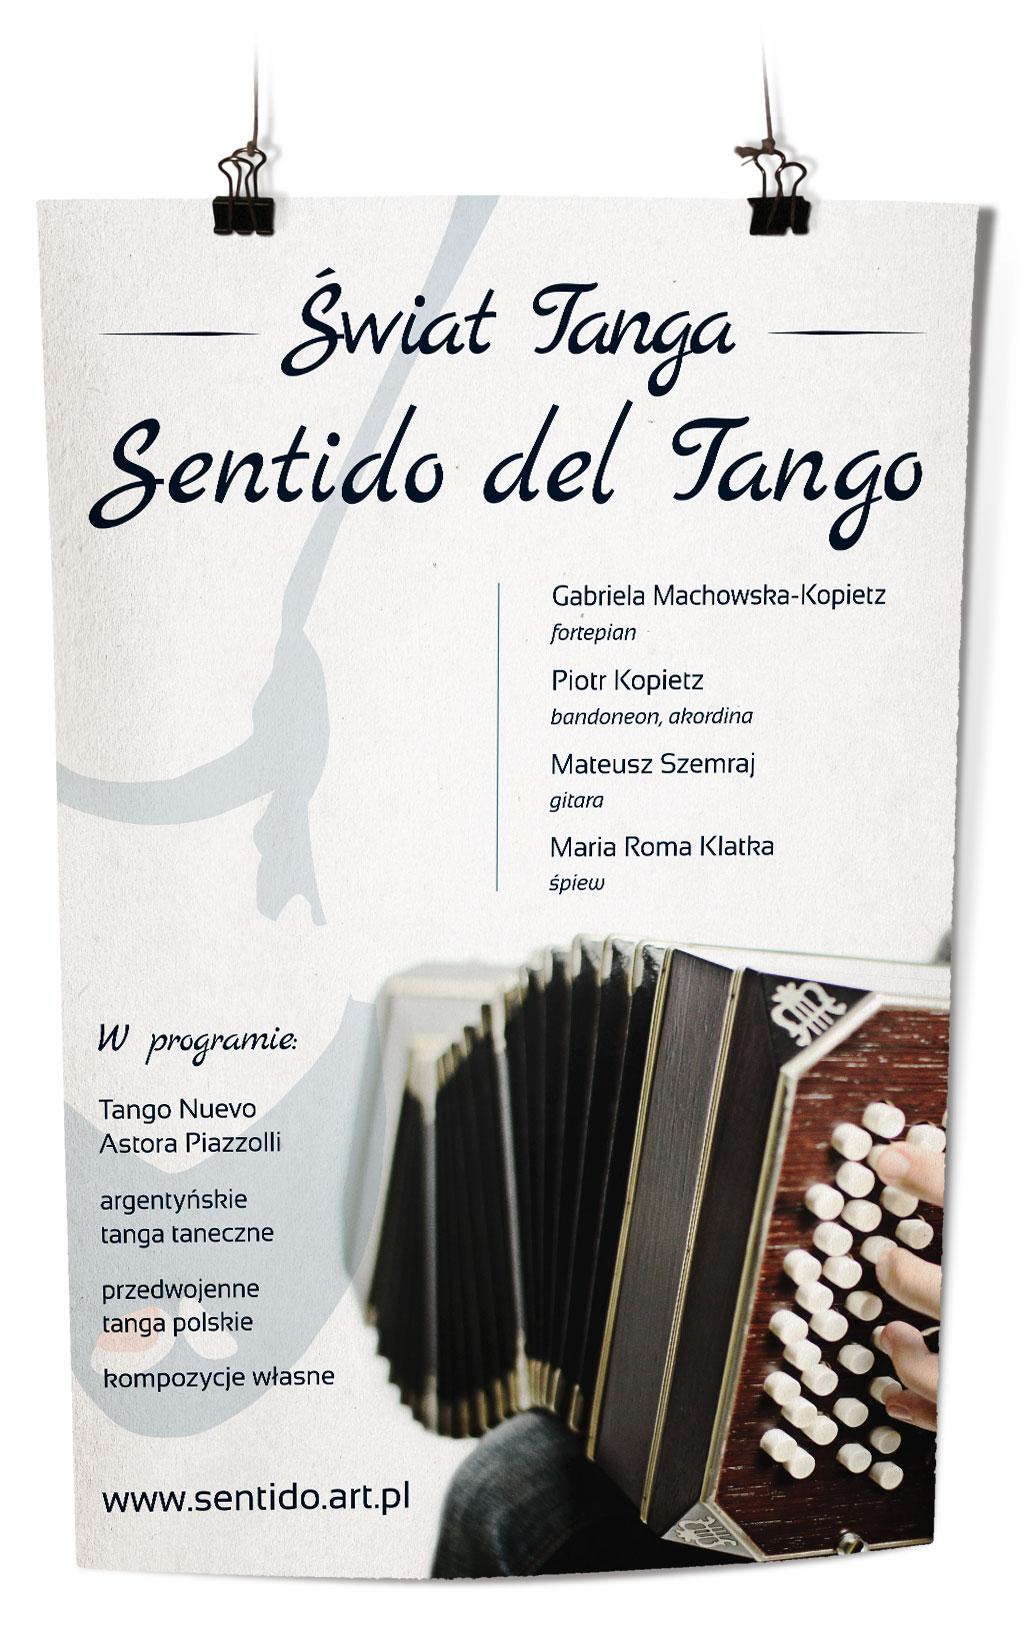 plakat Sentido del Tango